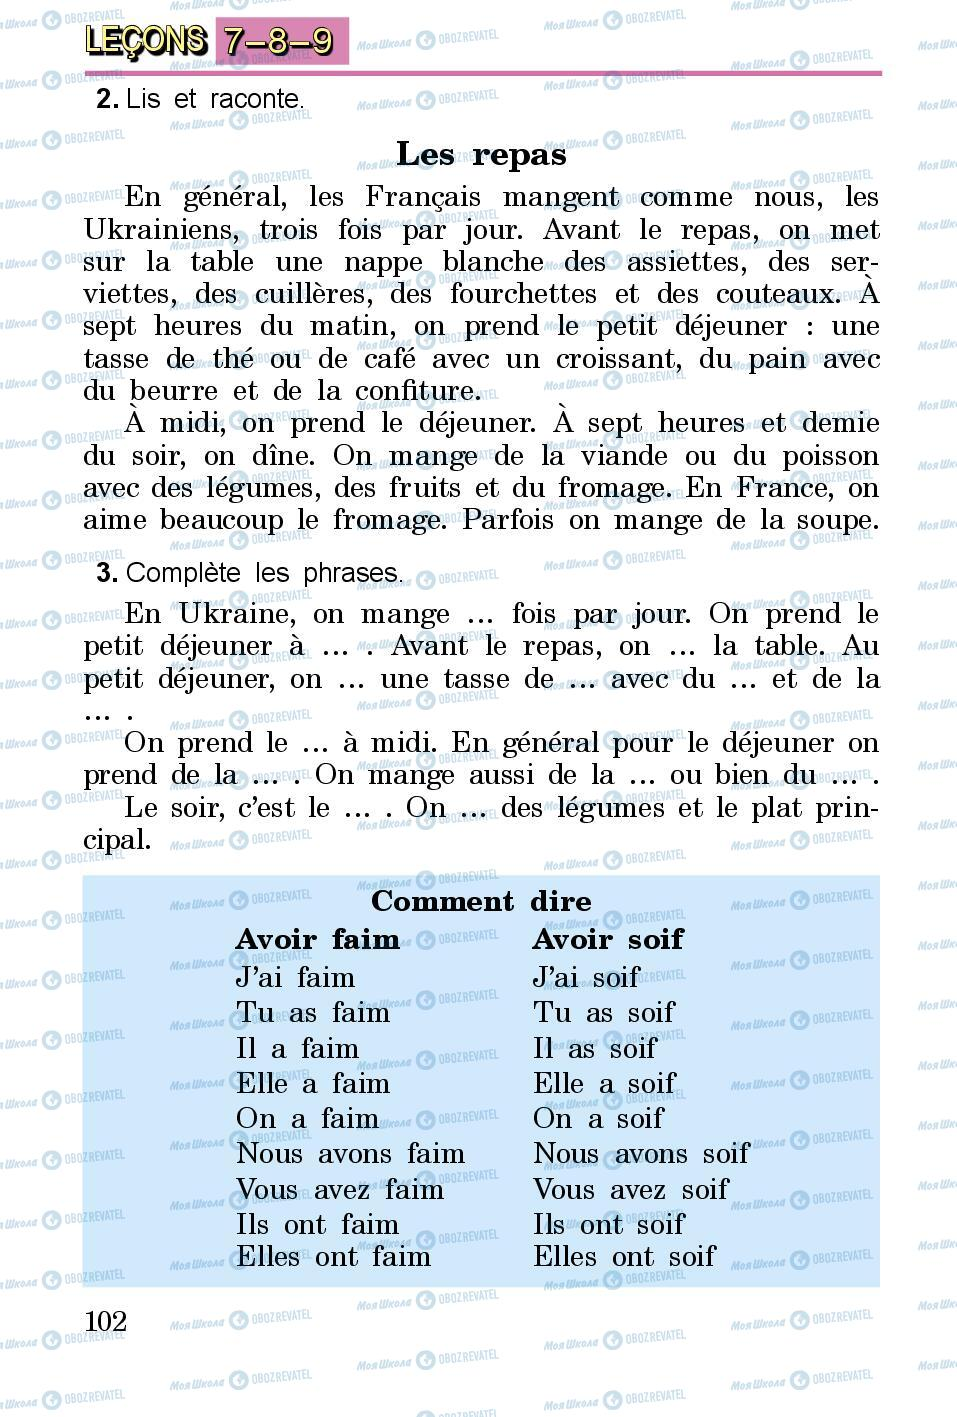 Підручники Французька мова 3 клас сторінка 102